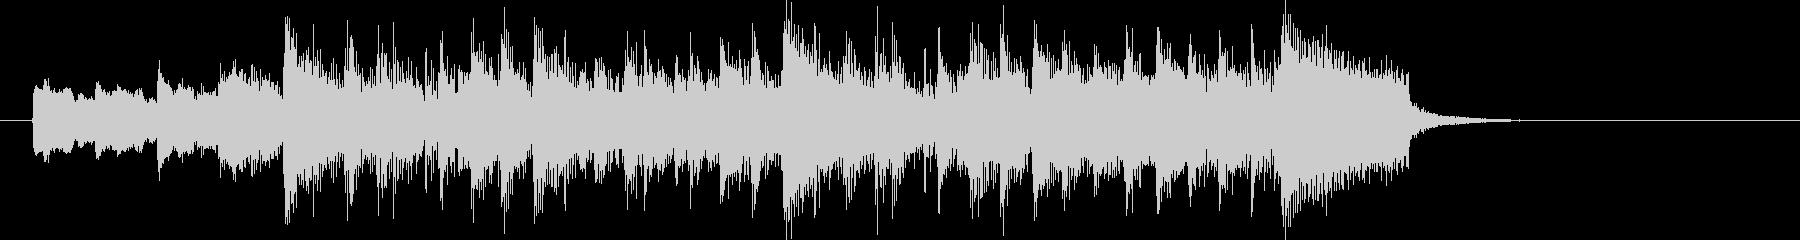 お洒落で鉄琴が印象的なBGMの未再生の波形